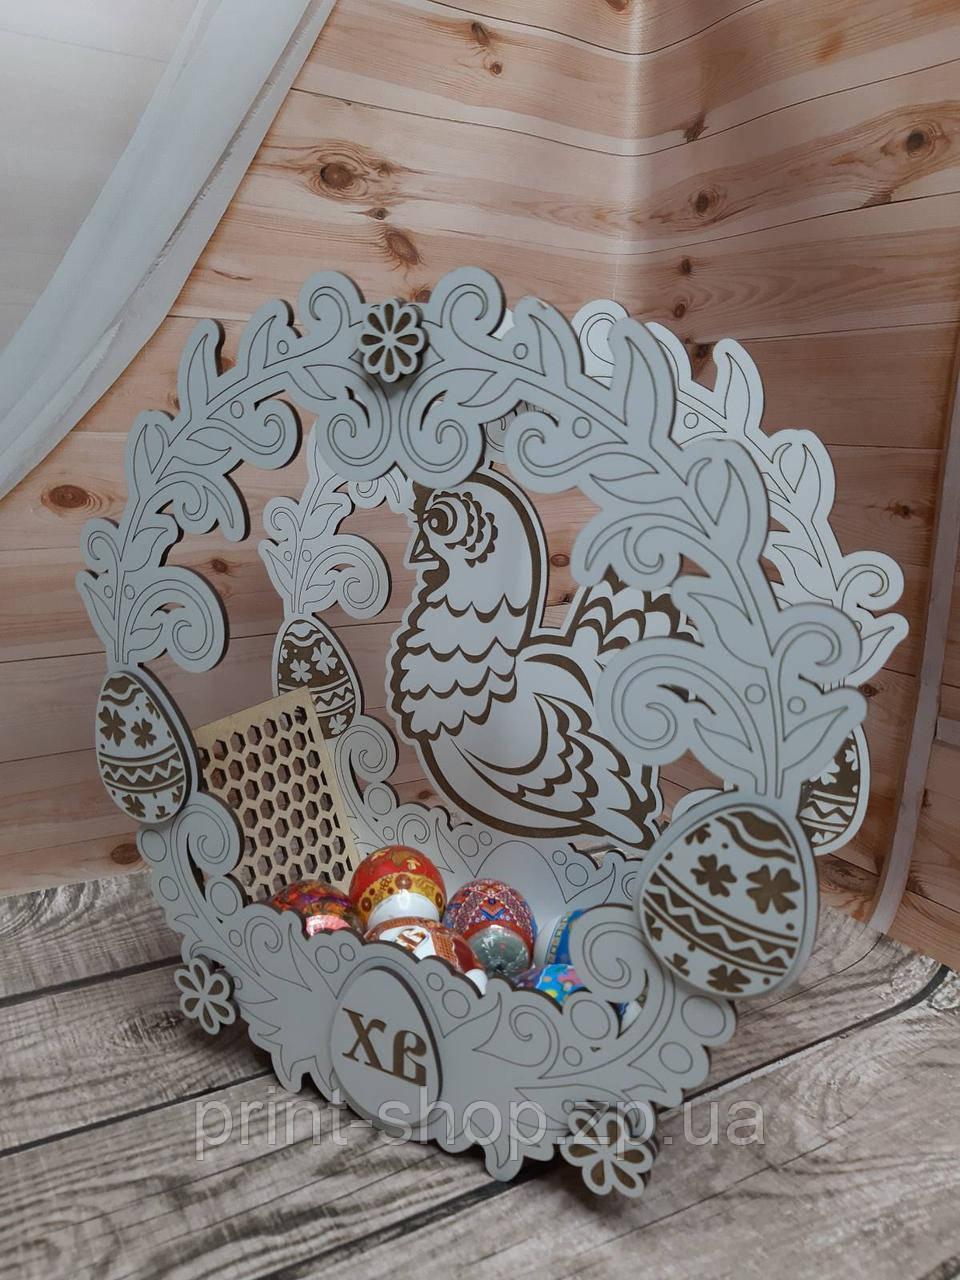 Пасхальная корзинка из дерева. Курочка пасхальная.